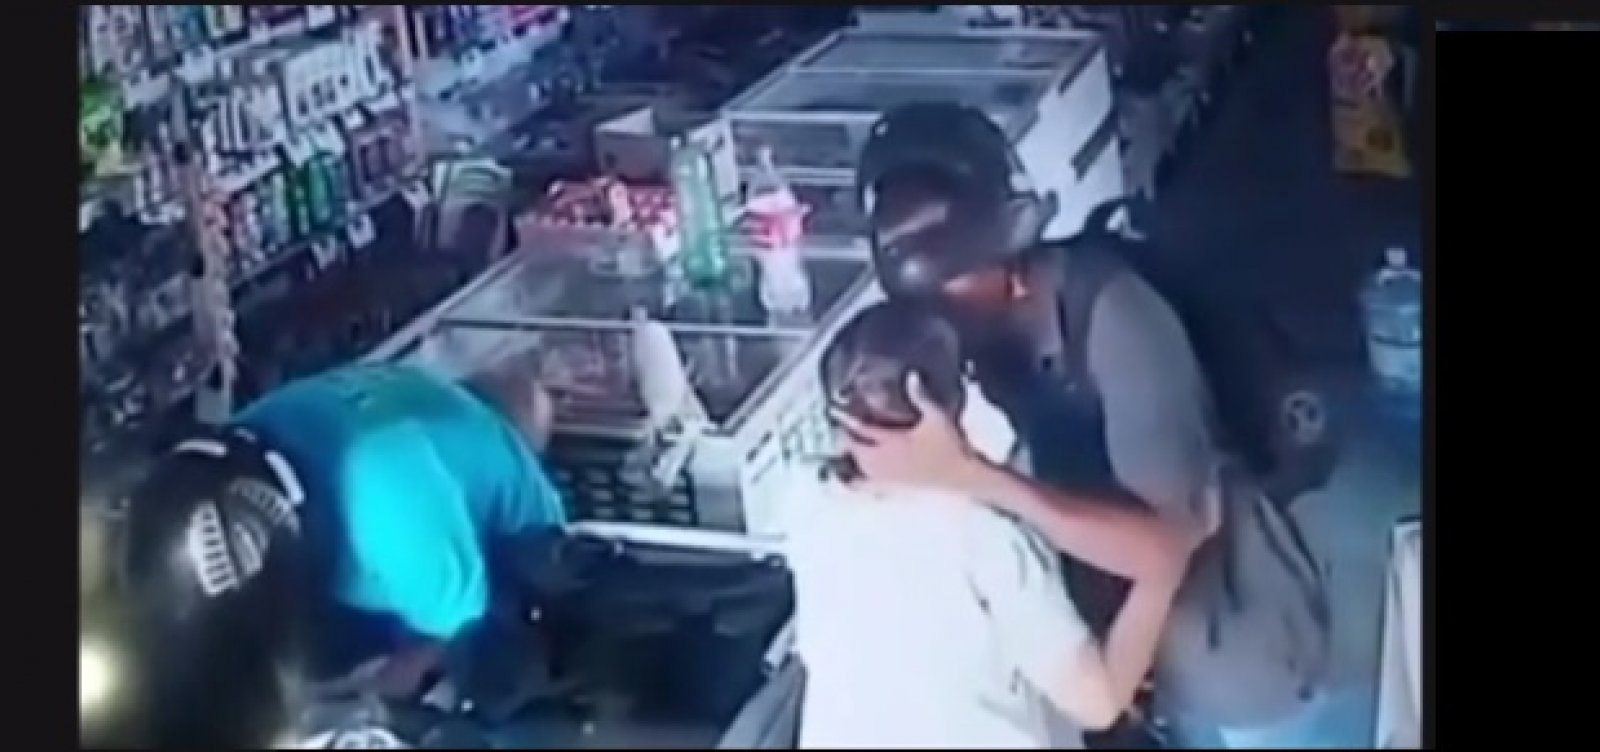 [Ladrão beija mulher e diz que não quer o dinheiro dela em assalto no Piauí]